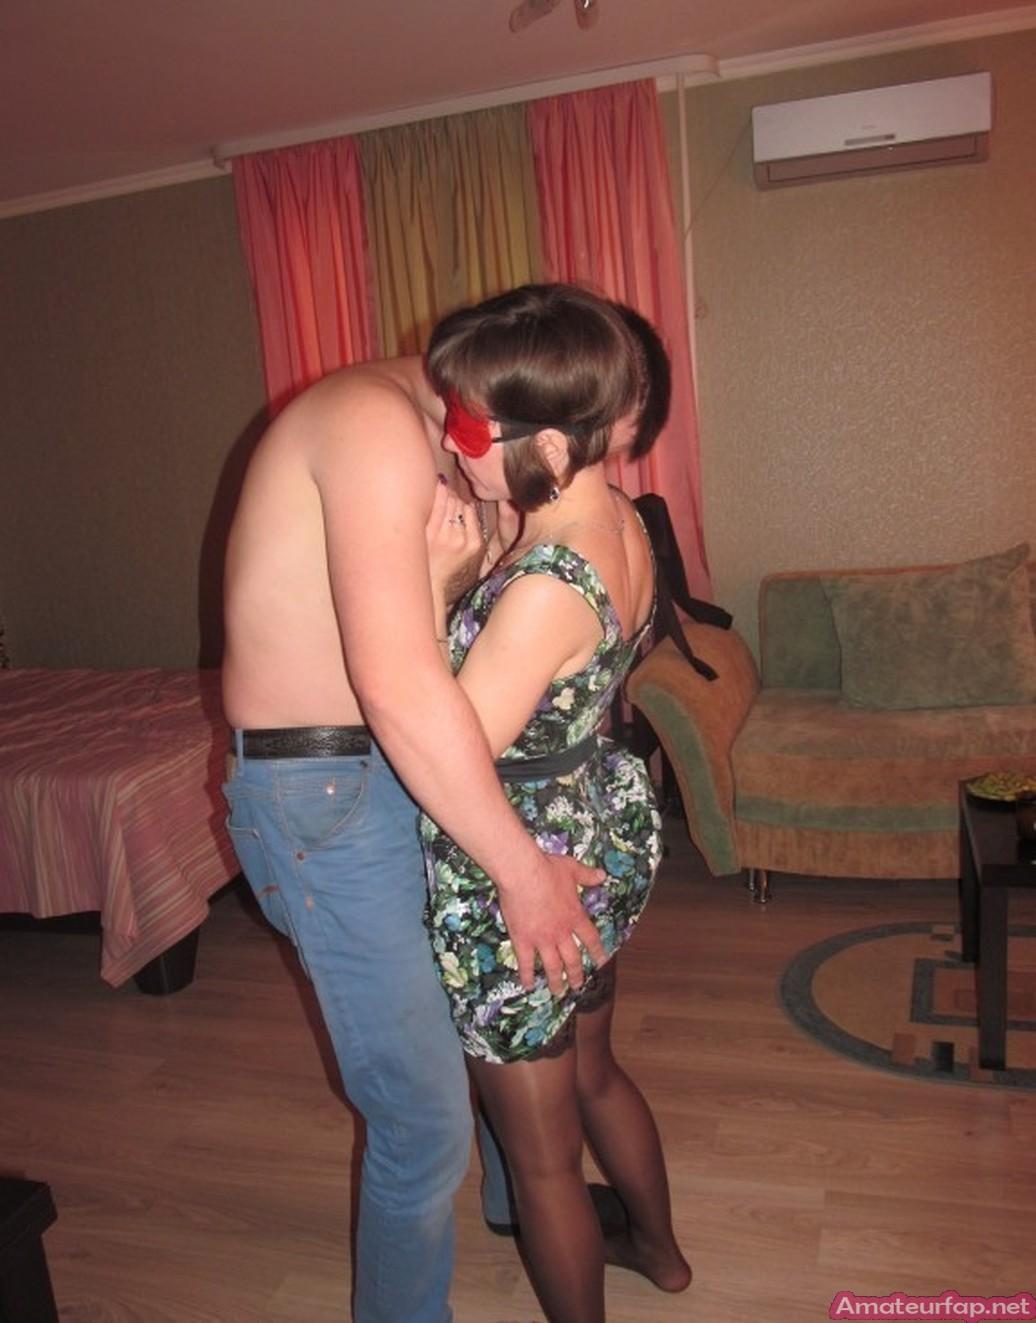 Женщина из Болгарии трахается с двумя мужчинами